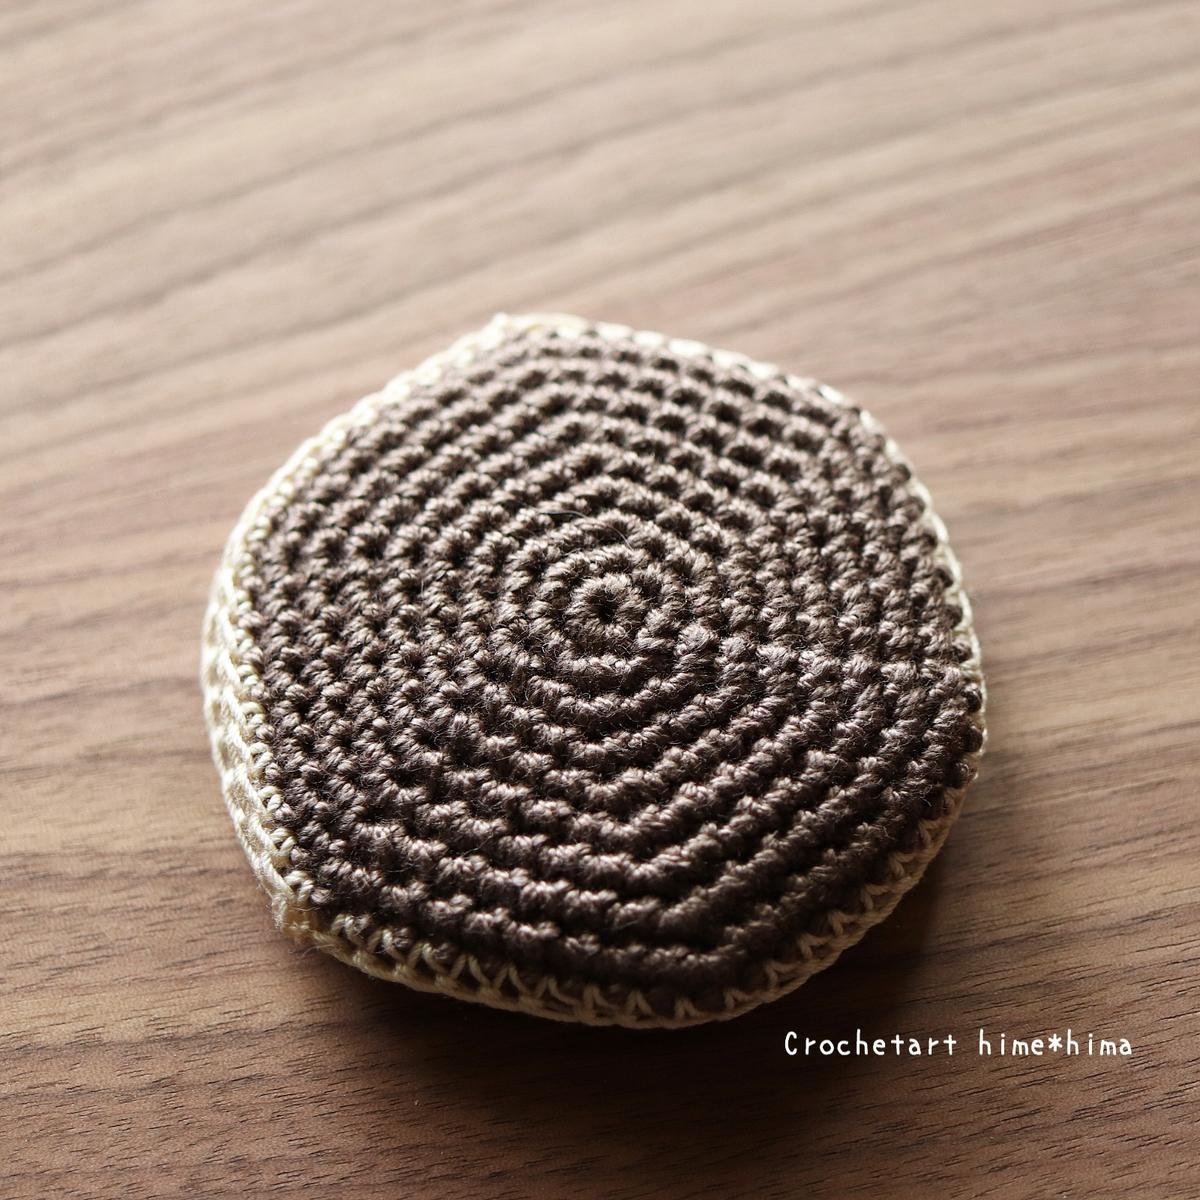 細編みで編んだ無印良品の丸型コンパクトミラーケース